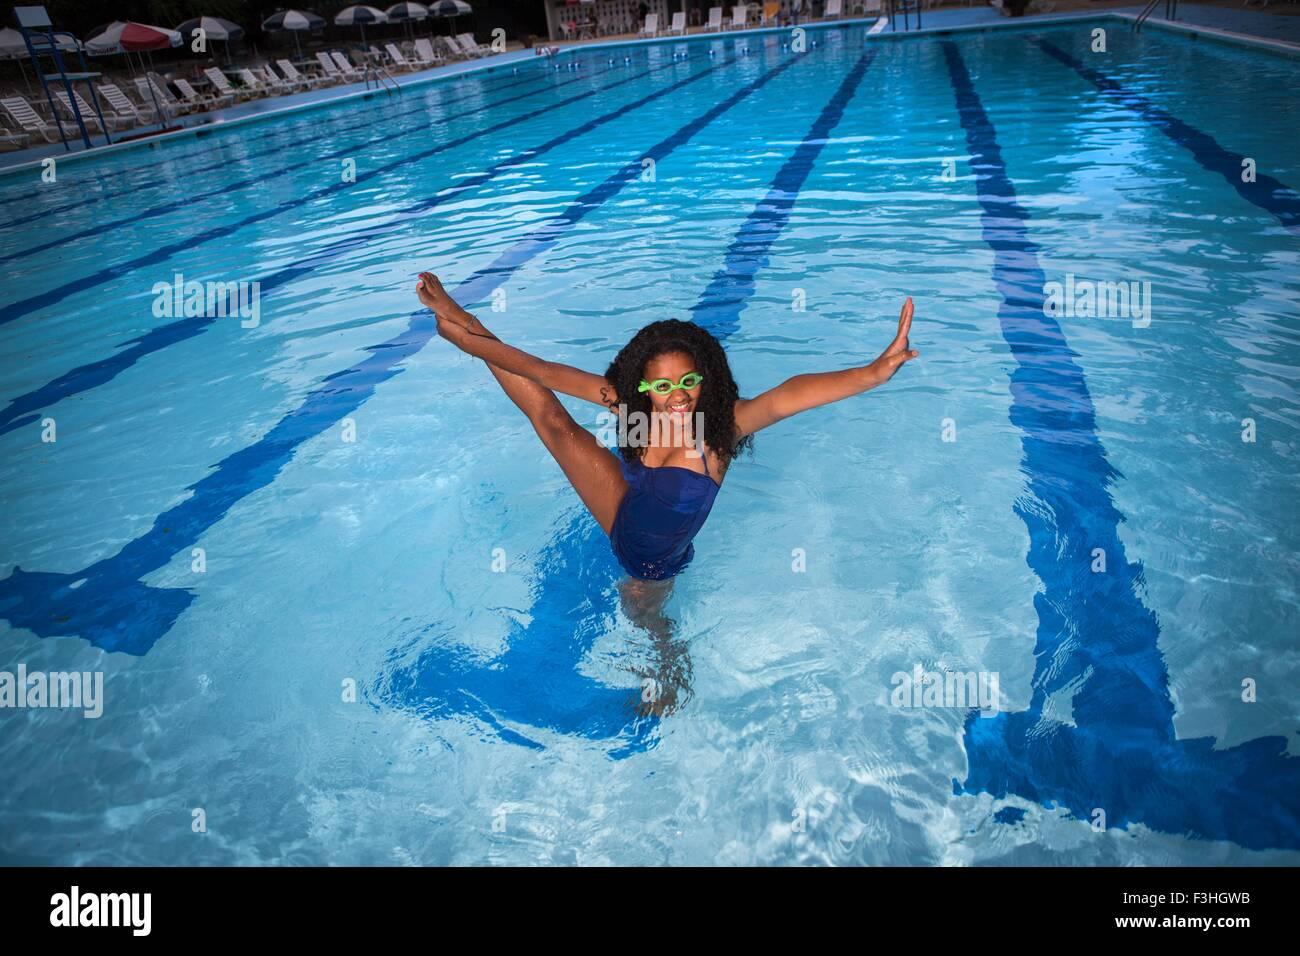 Porträt von Mädchen stehen auf einem Bein im Schwimmbad tragen von Schutzbrillen, Bein angehoben, Blick Stockbild